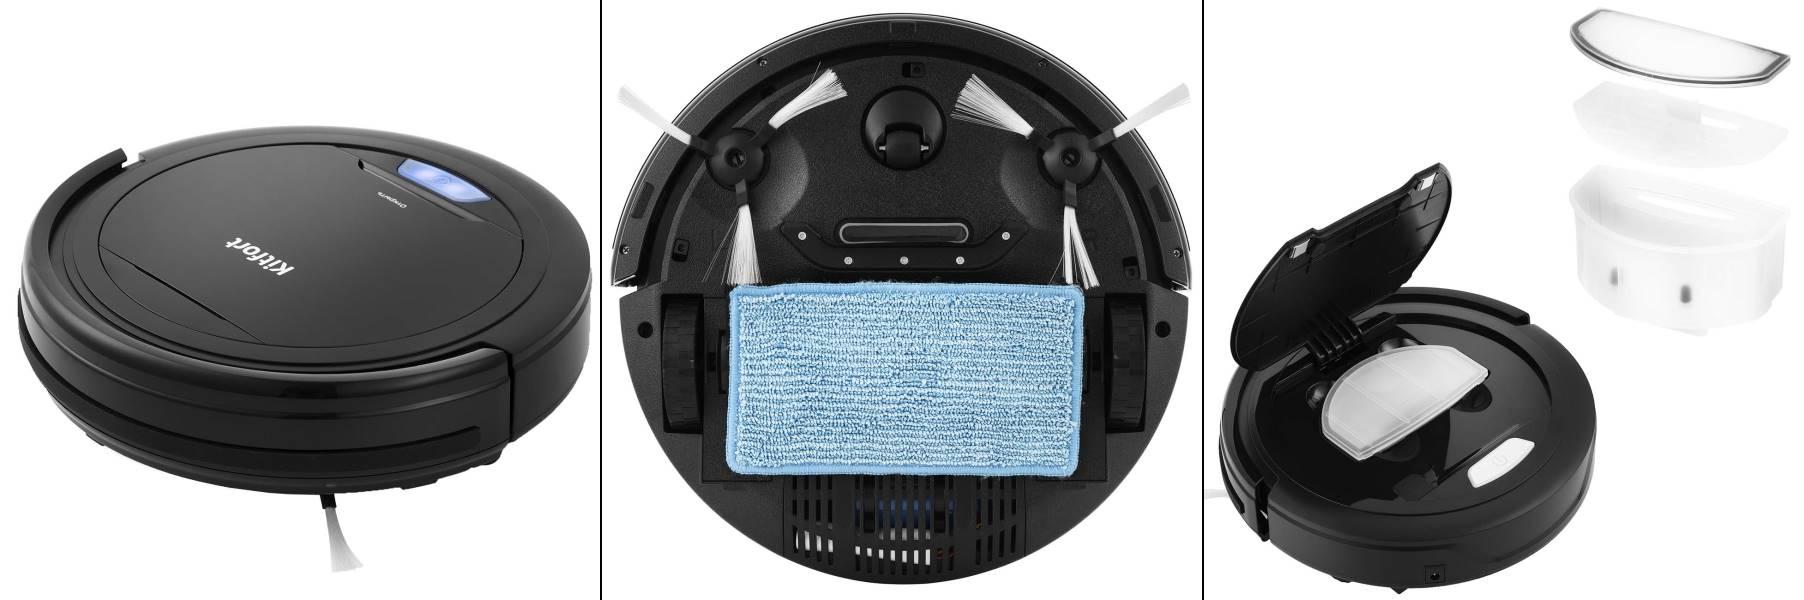 робот пылесос китфорт 562 - отзывы